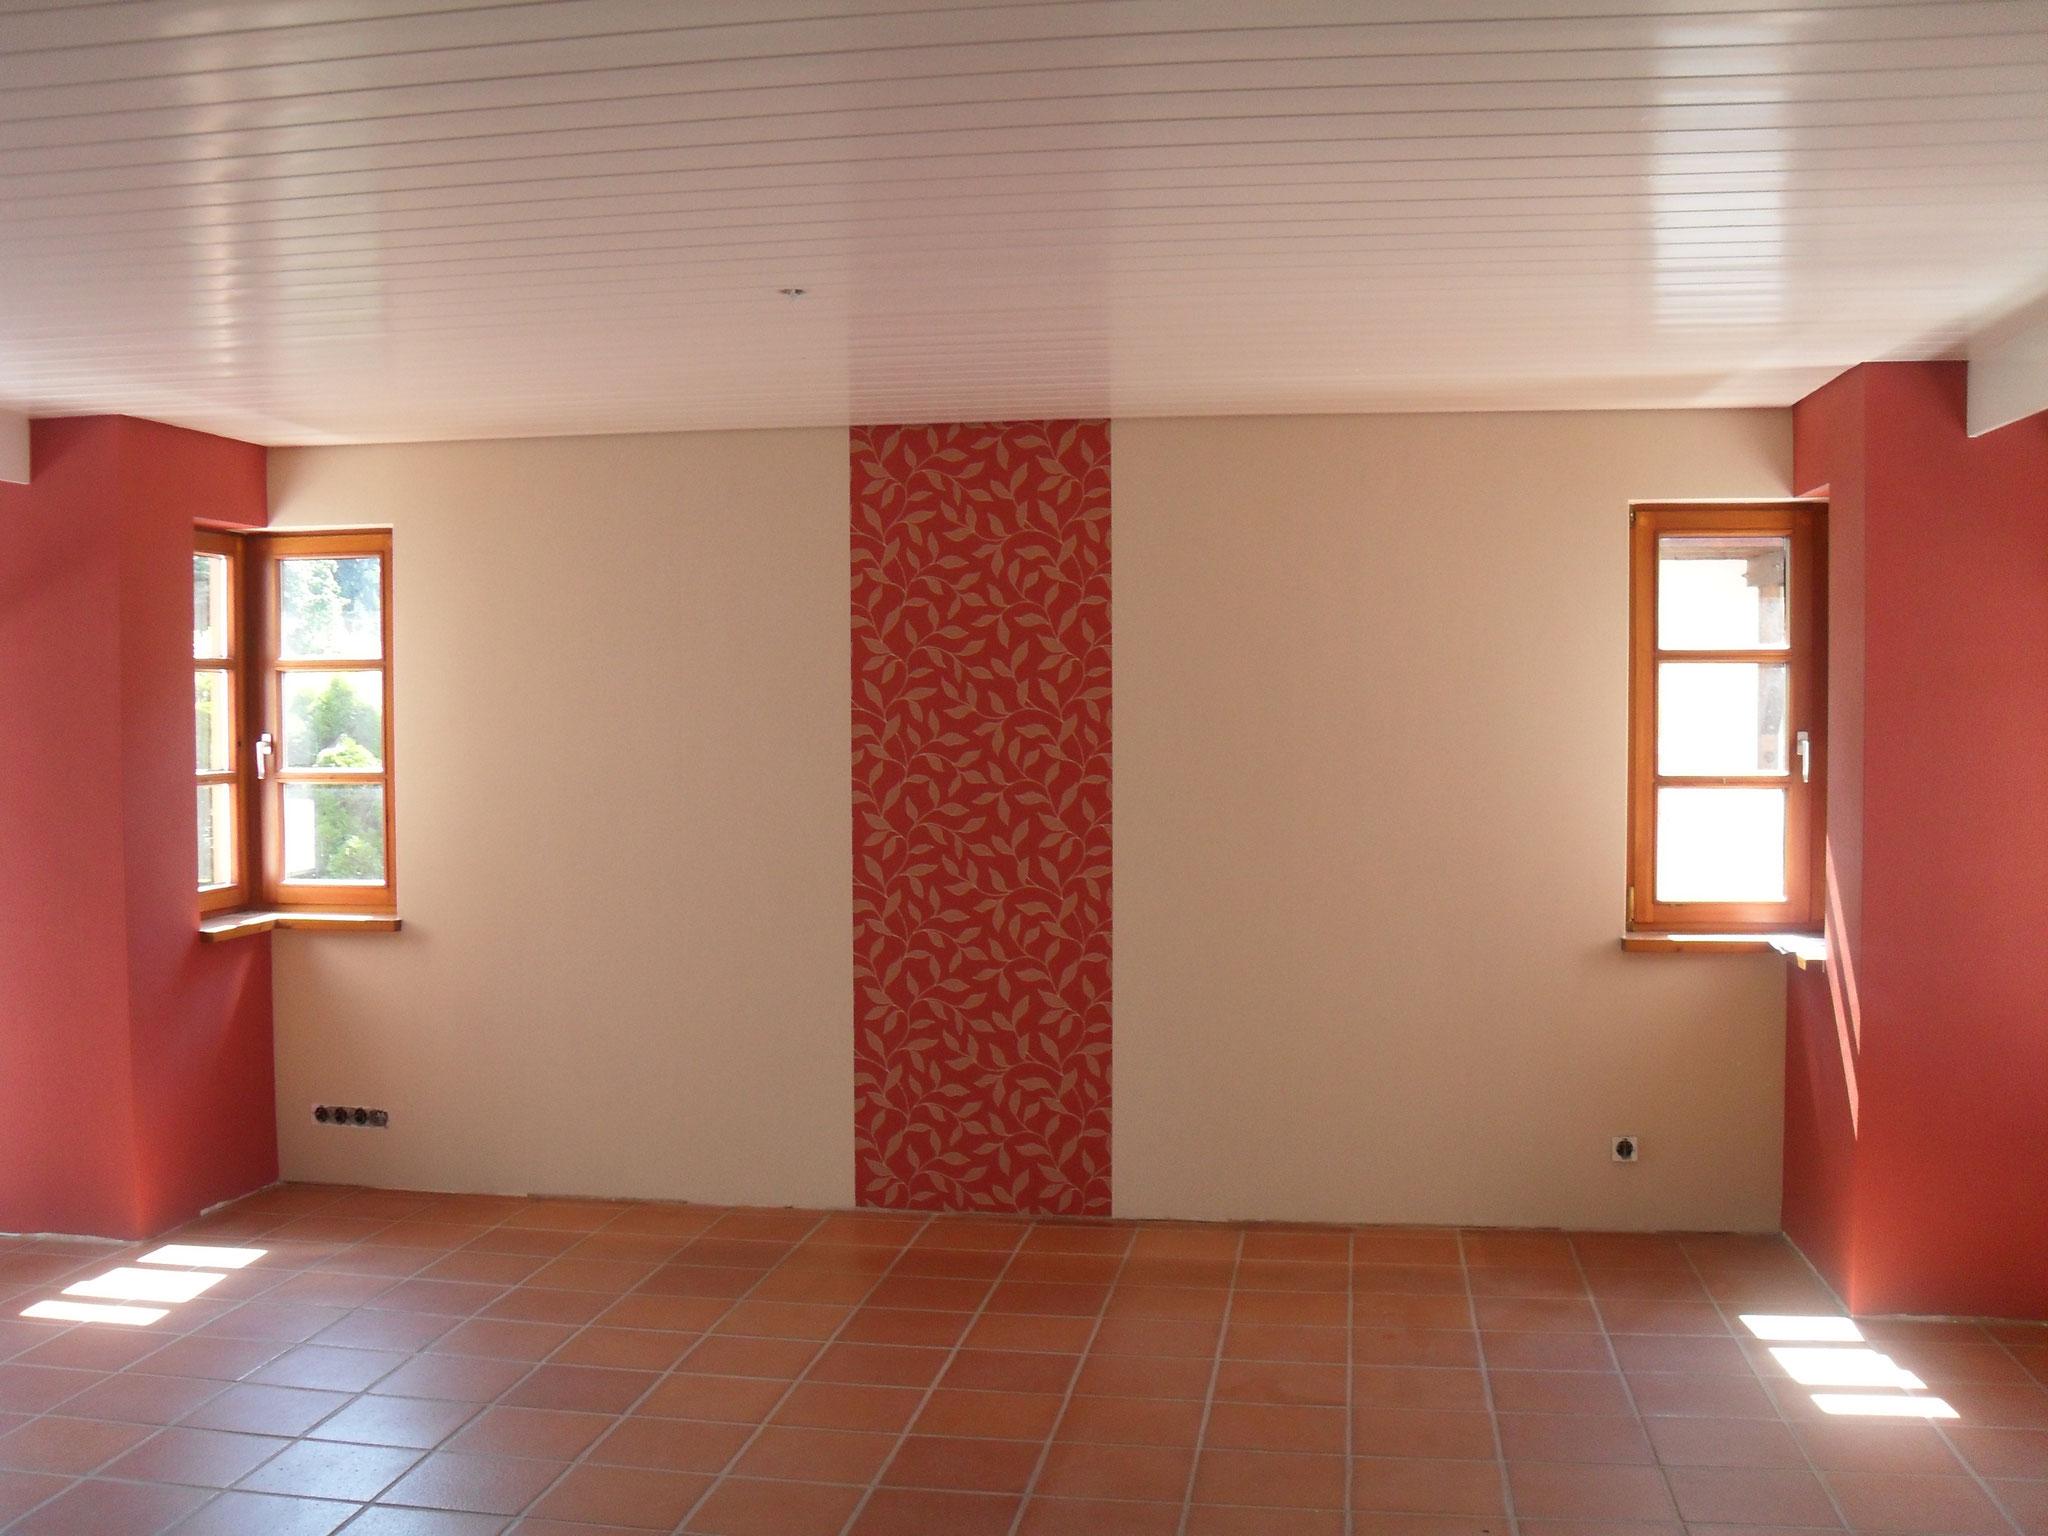 tapezieren - maler-zehnles webseite!